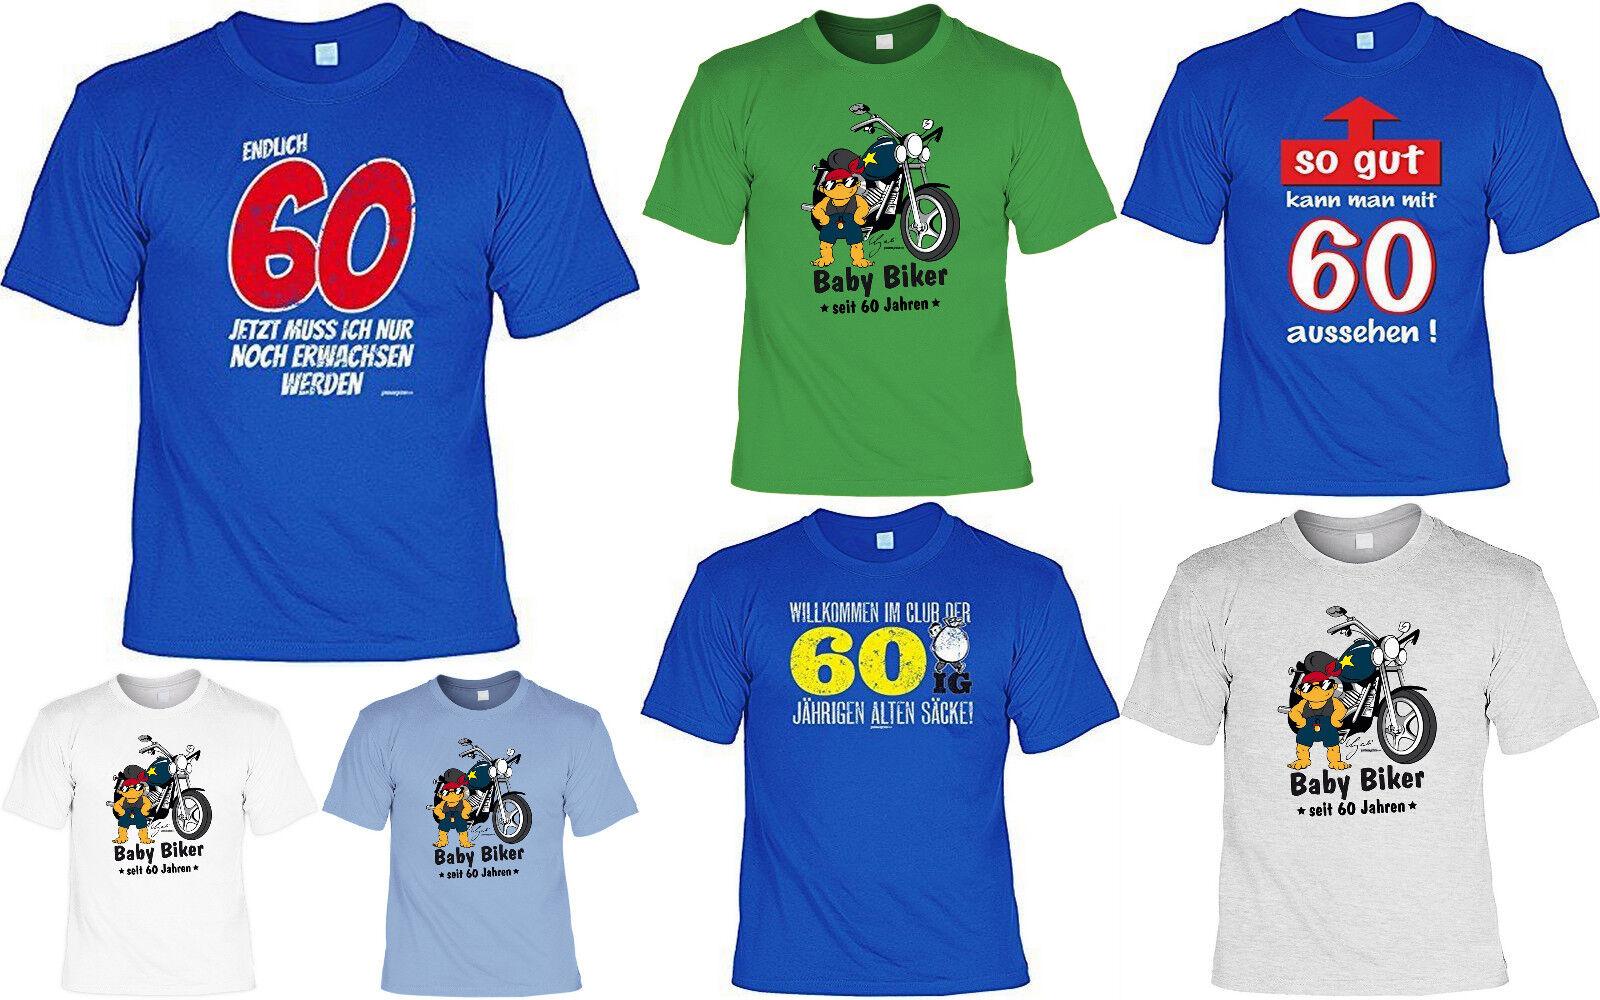 T-Shirt zum 60.Geburtstag - 60 Jahre - Coole Sprüche / Motive Geburtstag 60